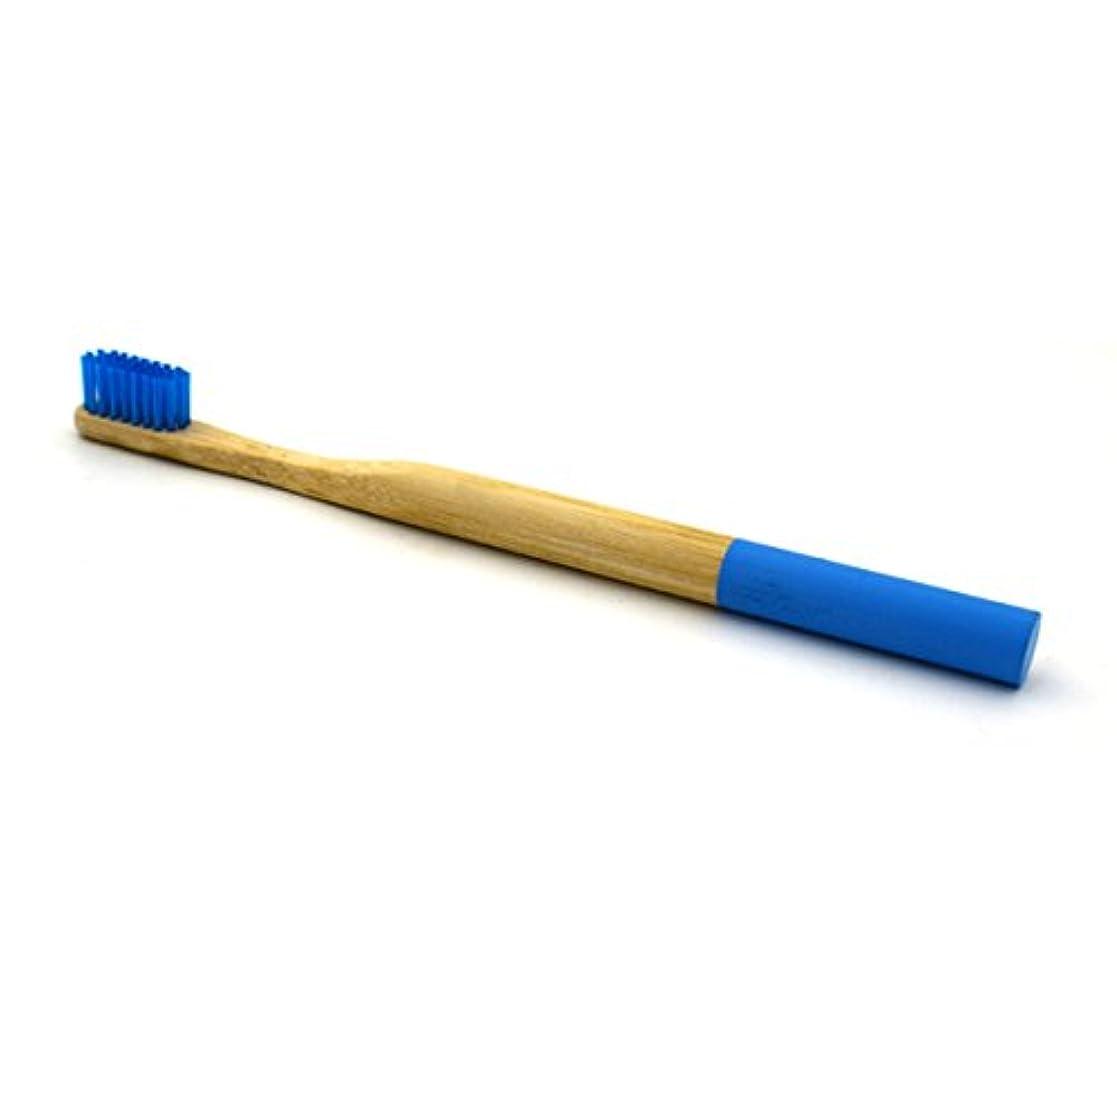 コンサート手がかり対象HEALLILY 円形のハンドルのEcoの友好的で柔らかい剛毛の歯ブラシが付いている2 PCS自然なタケ歯ブラシ